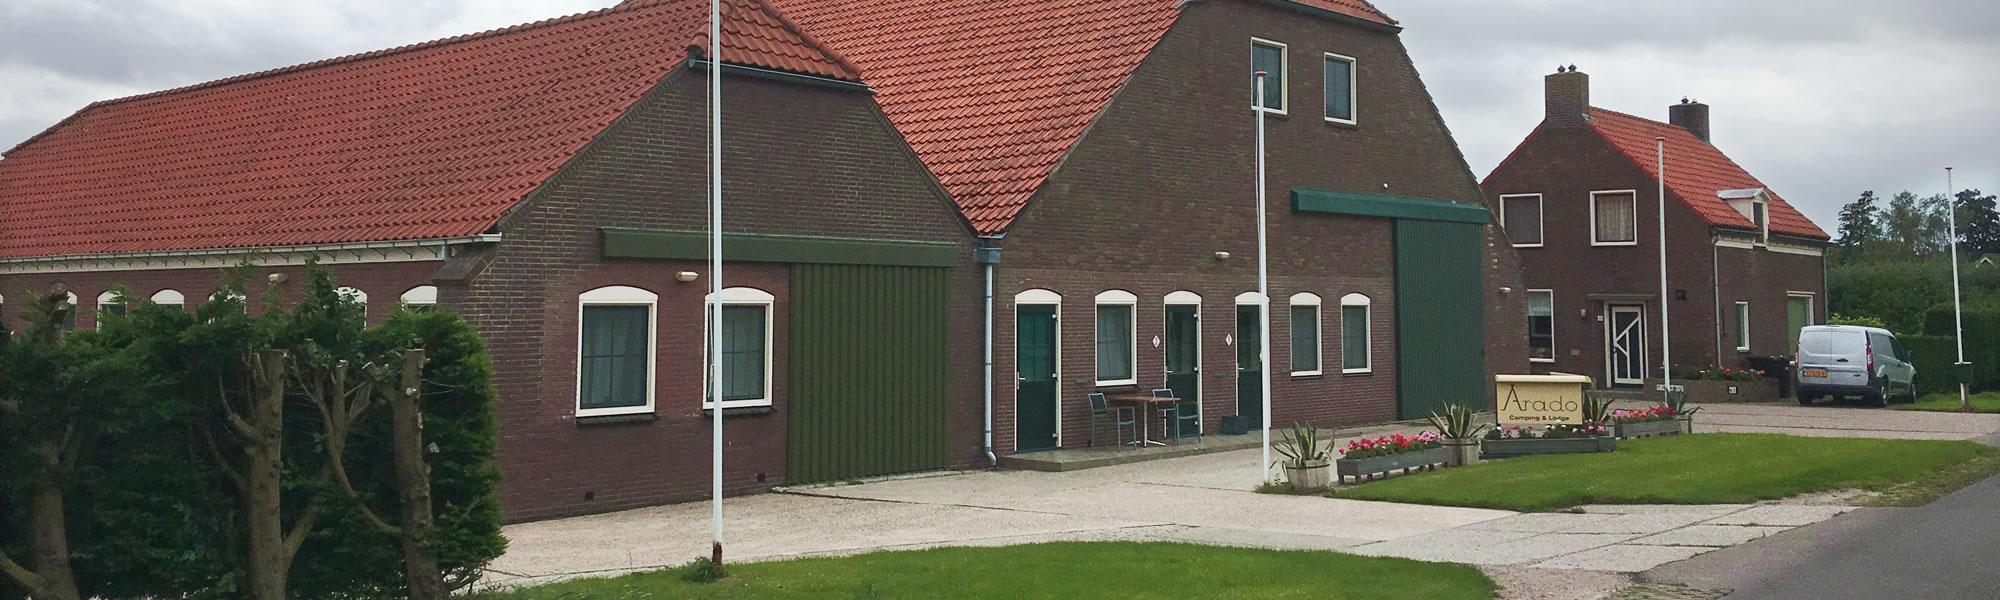 Lodge 61- Boerderij